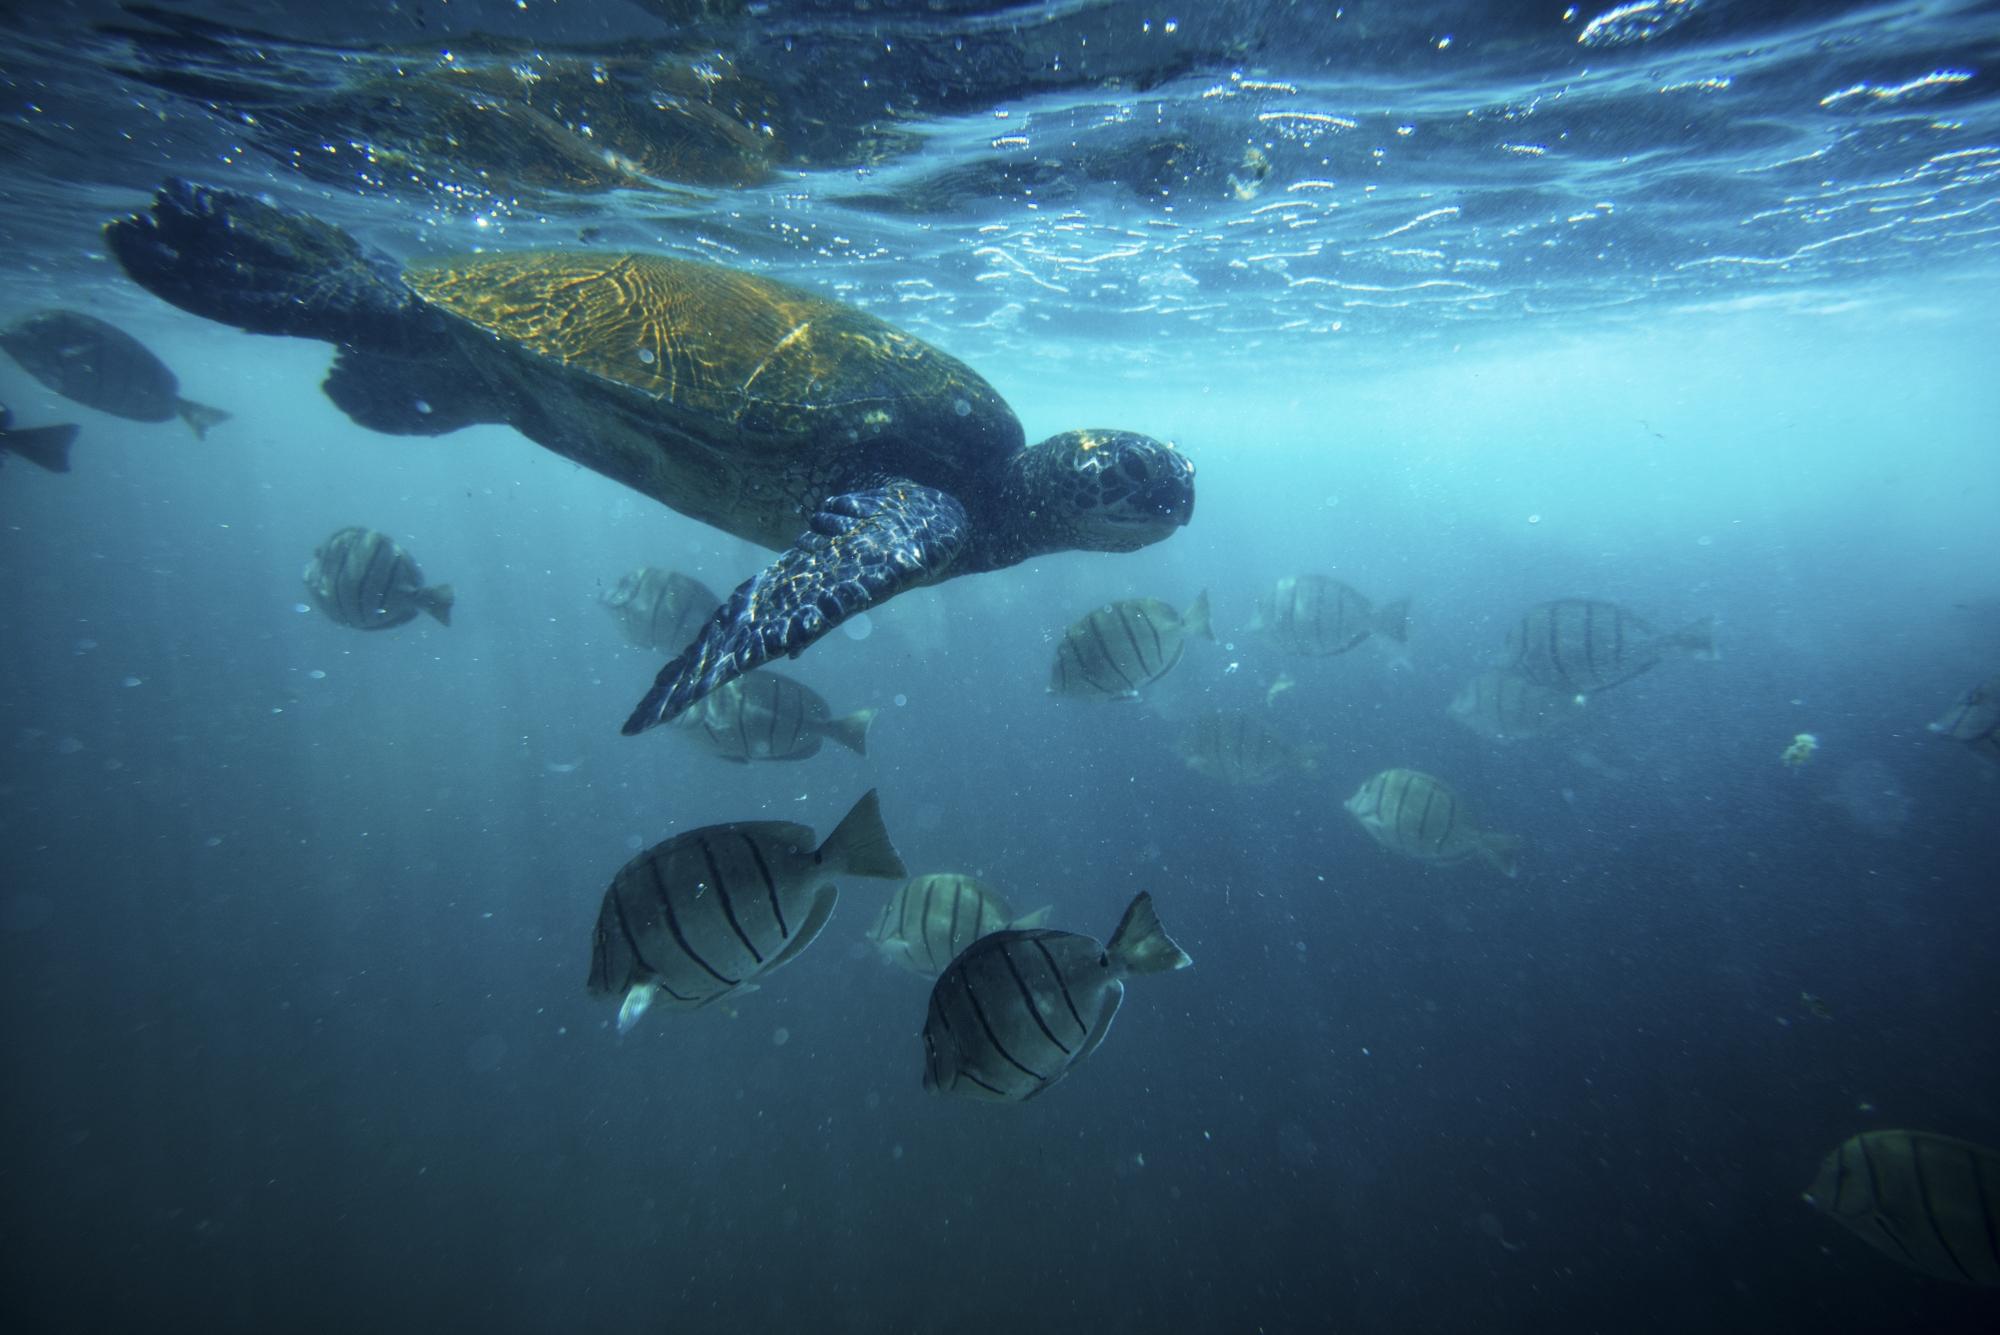 Turtles Underwater_Island of Hawaii_BIVB_0355.jpg